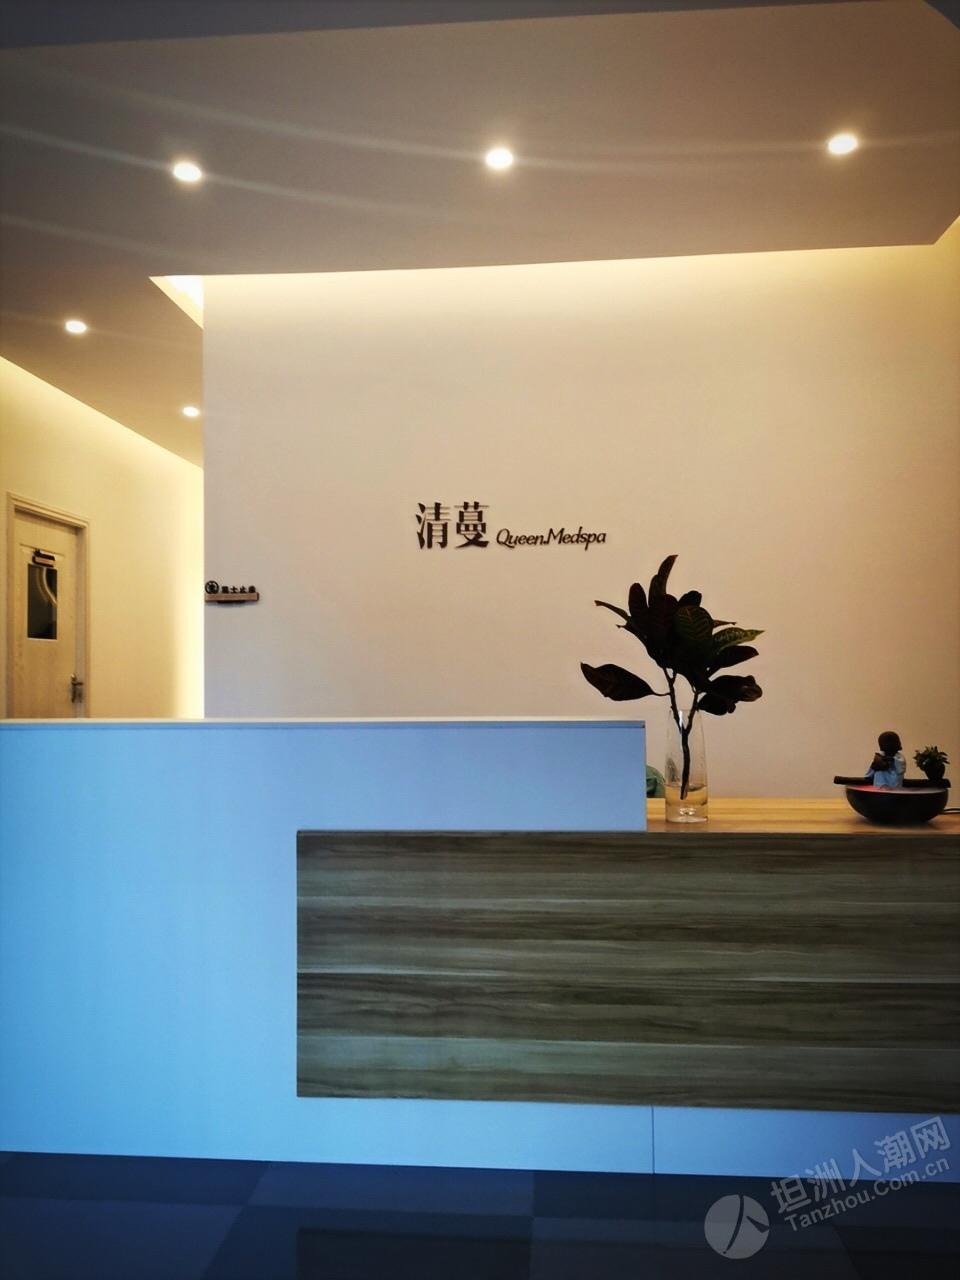 清蔓美容院开业了,位置坐落于坦洲万科金悦华庭